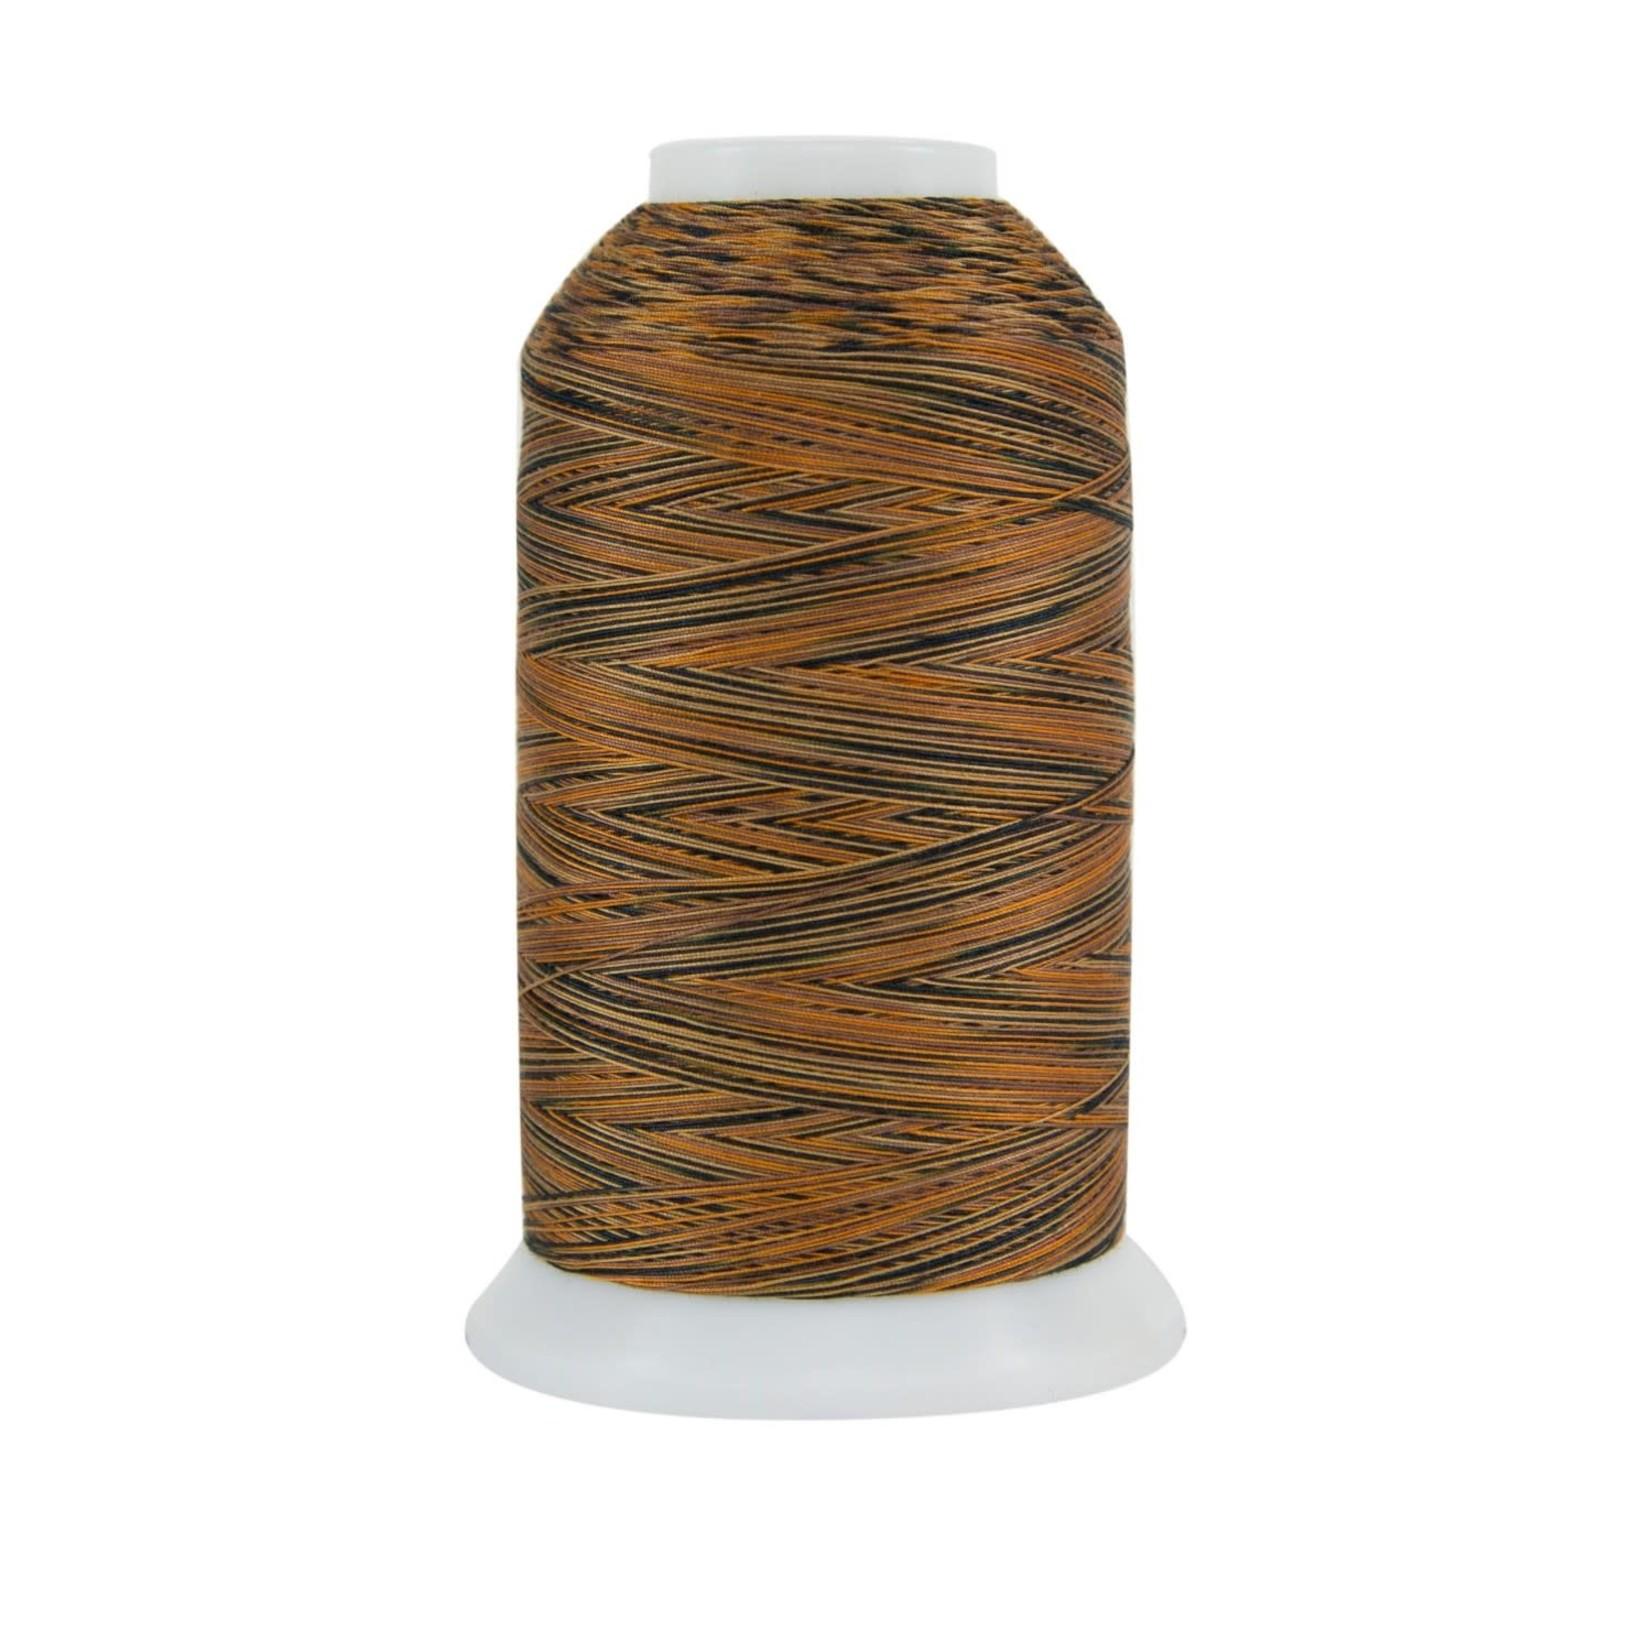 Superior Threads King Tut - #40 - 1828 m - 0981 Cobra